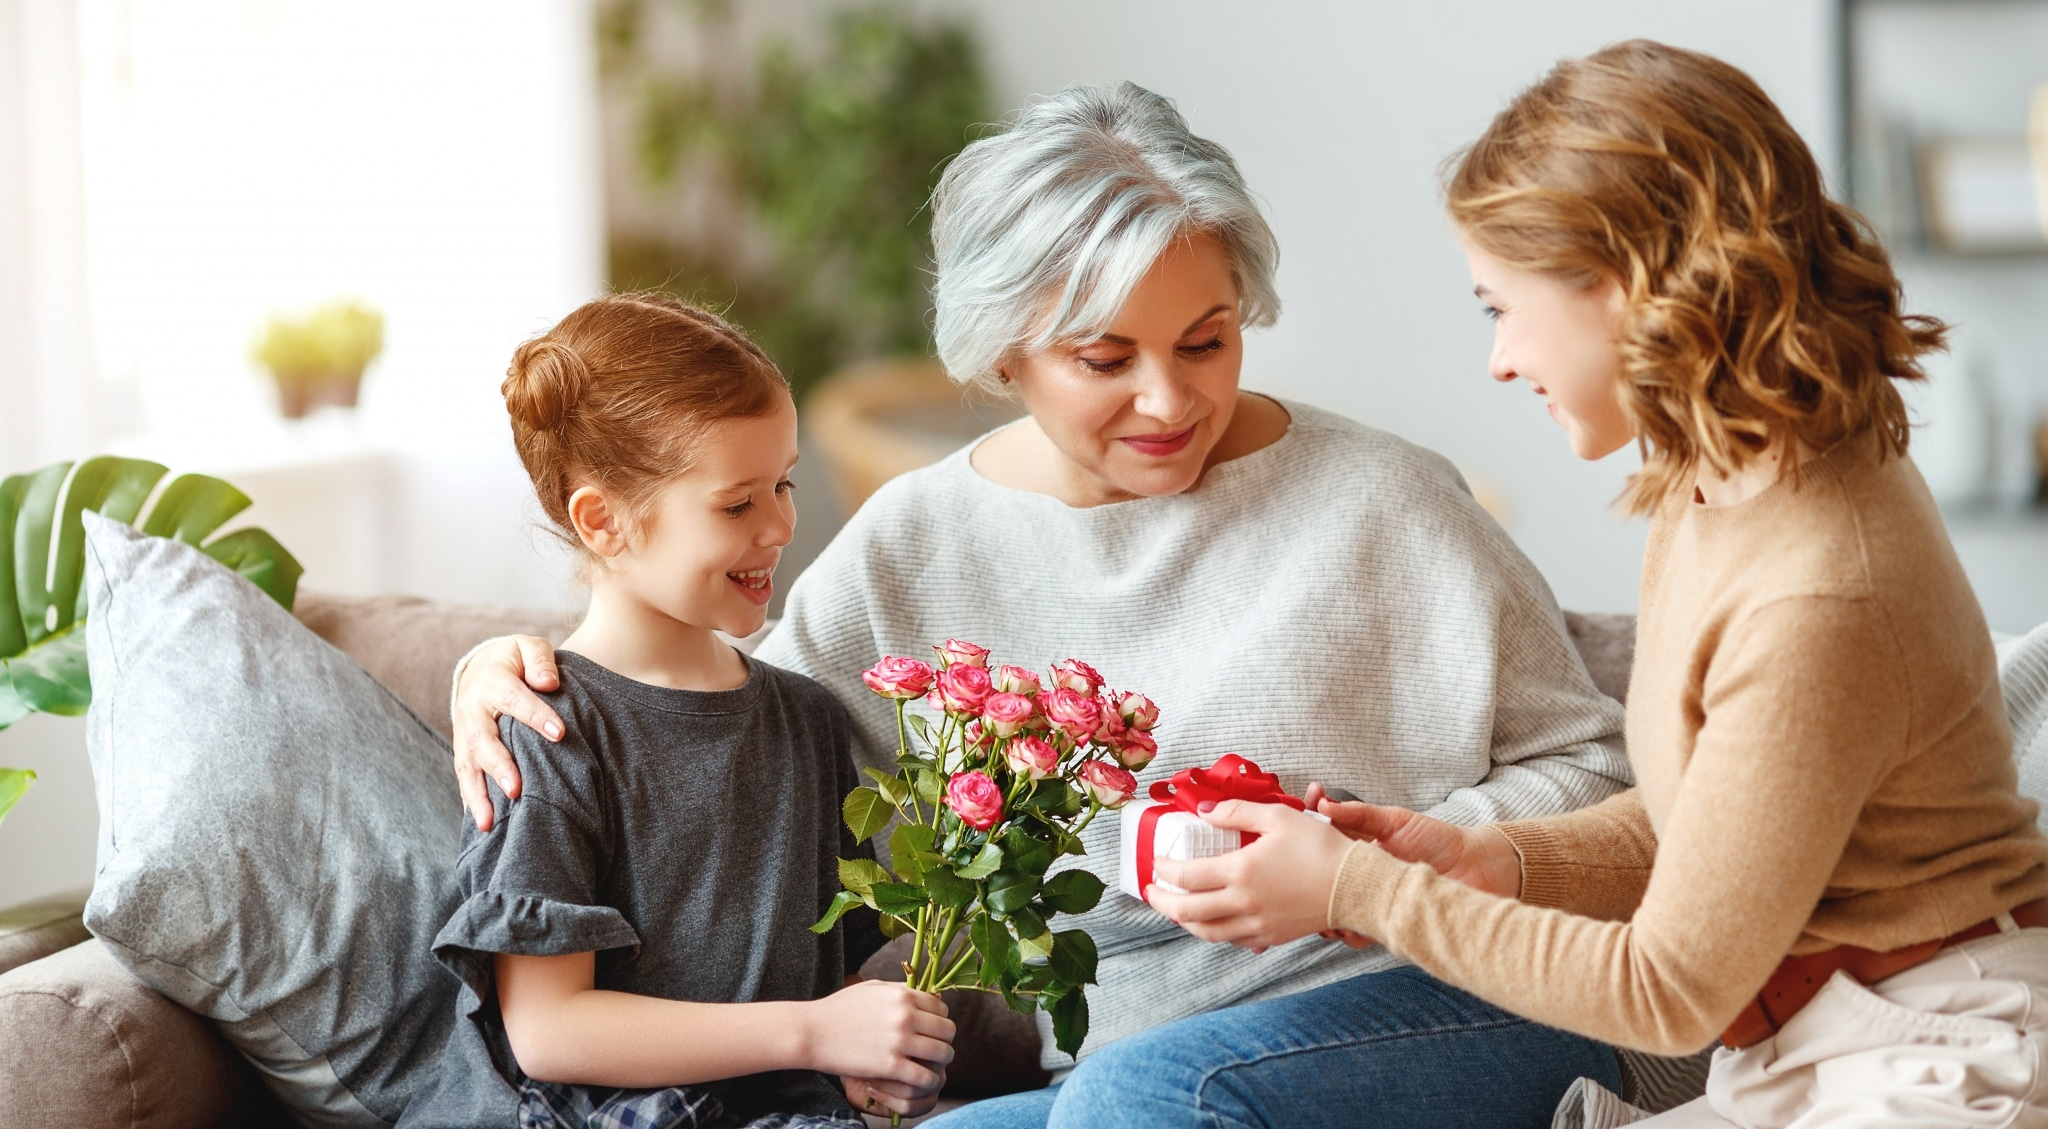 Mädchen mit Muter und Oma bei der Übergabe eines Geschenks an Oma